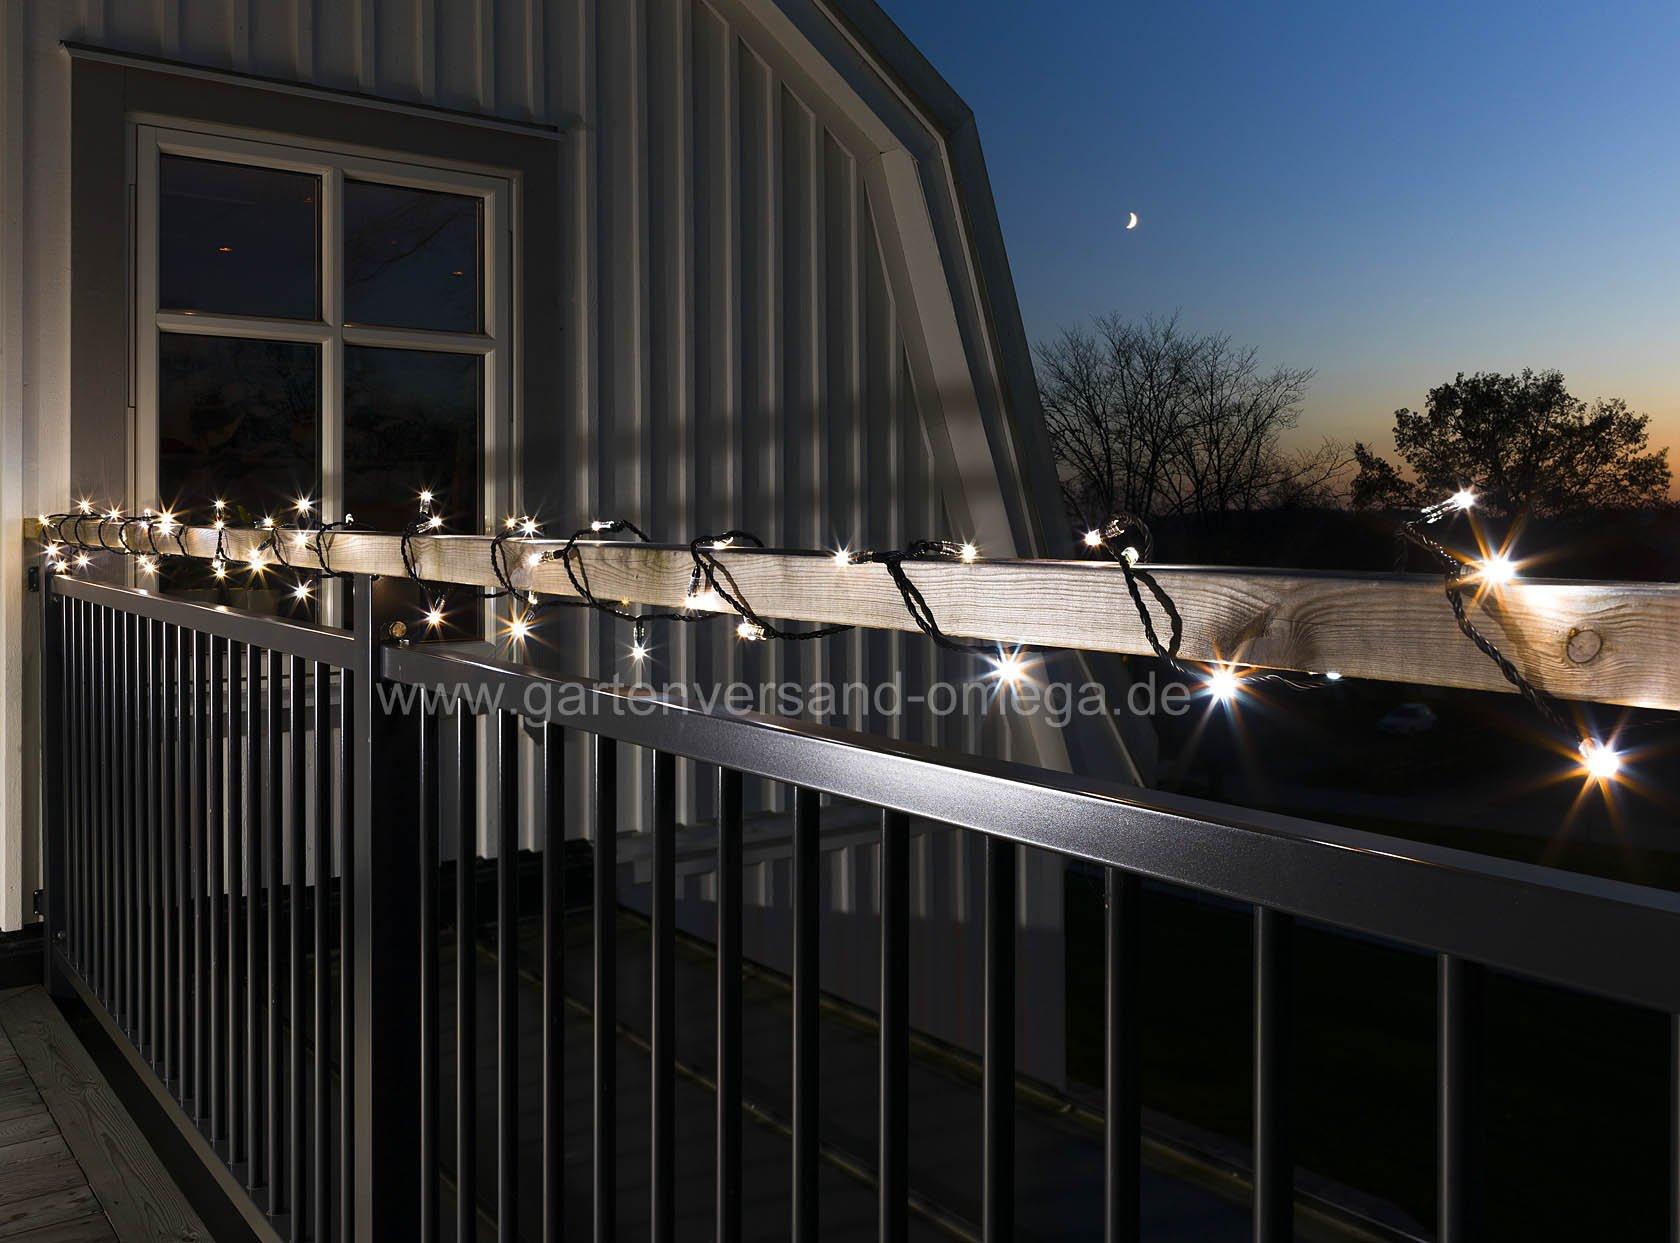 weihnachtsbeleuchtung auf rechnung weihnachtsbeleuchtung. Black Bedroom Furniture Sets. Home Design Ideas